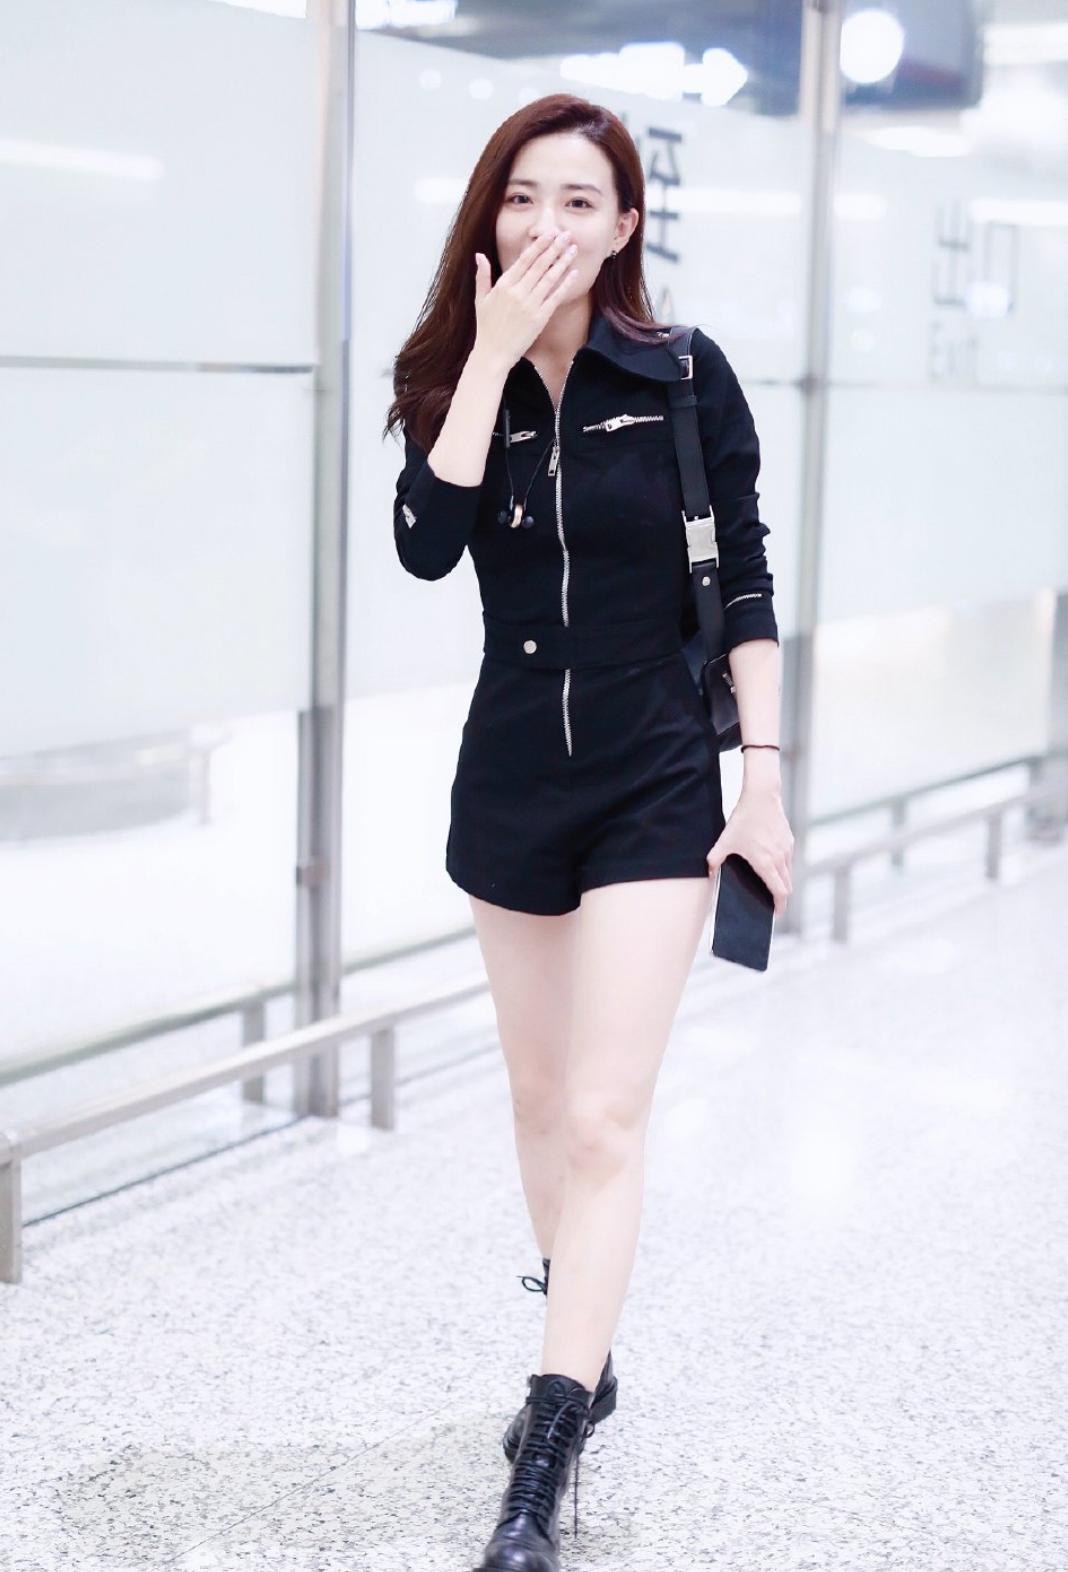 徐璐机场未P照流出,好似上帝放弃了她的脸,网友:咋是方的?